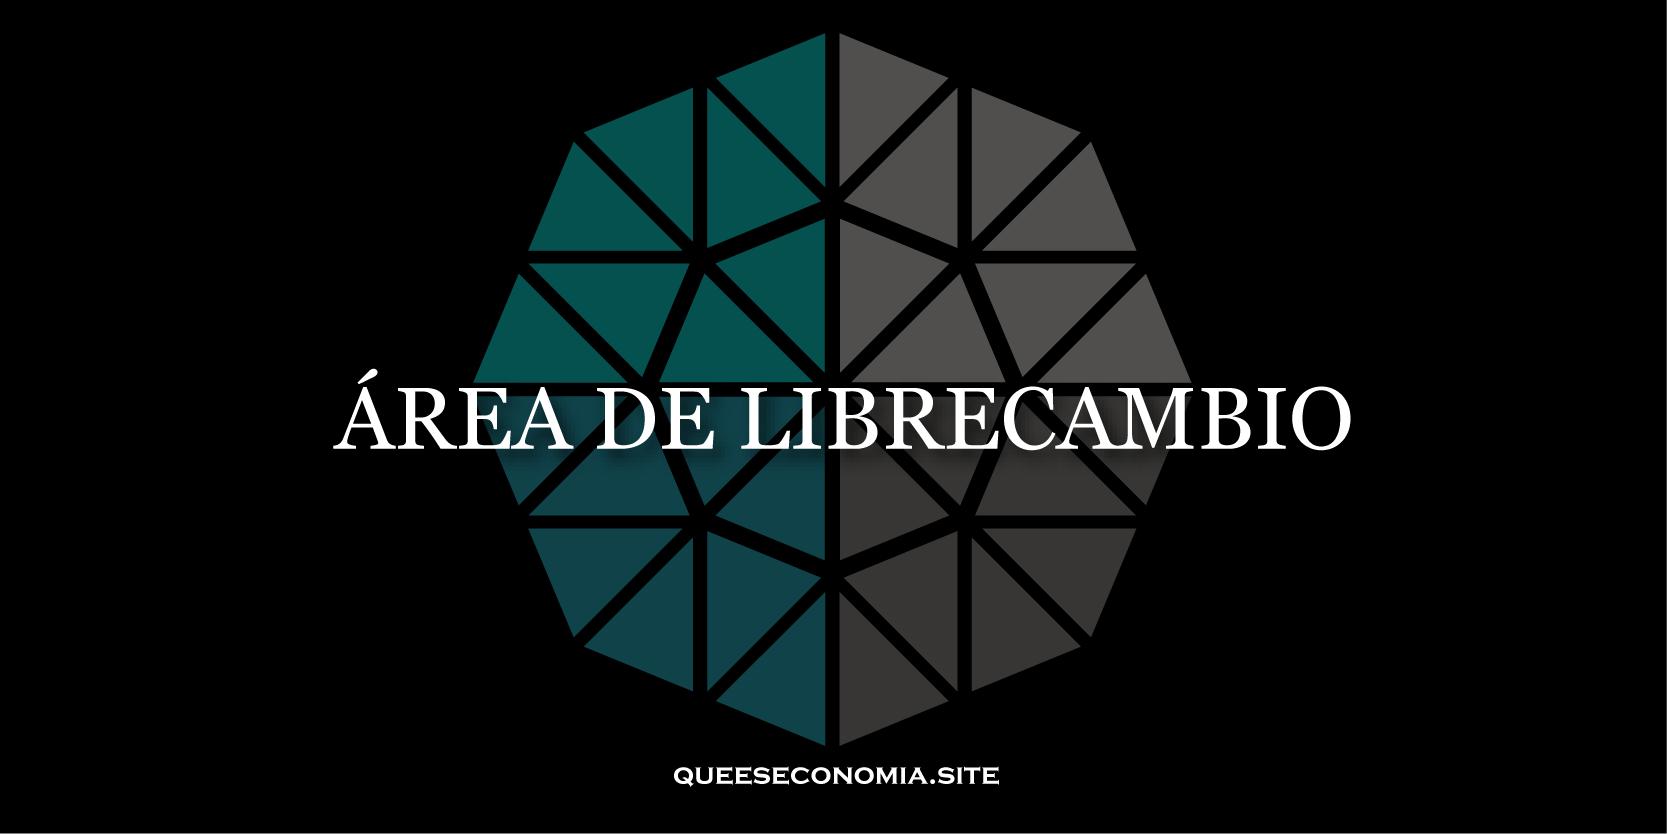 área de librecambio